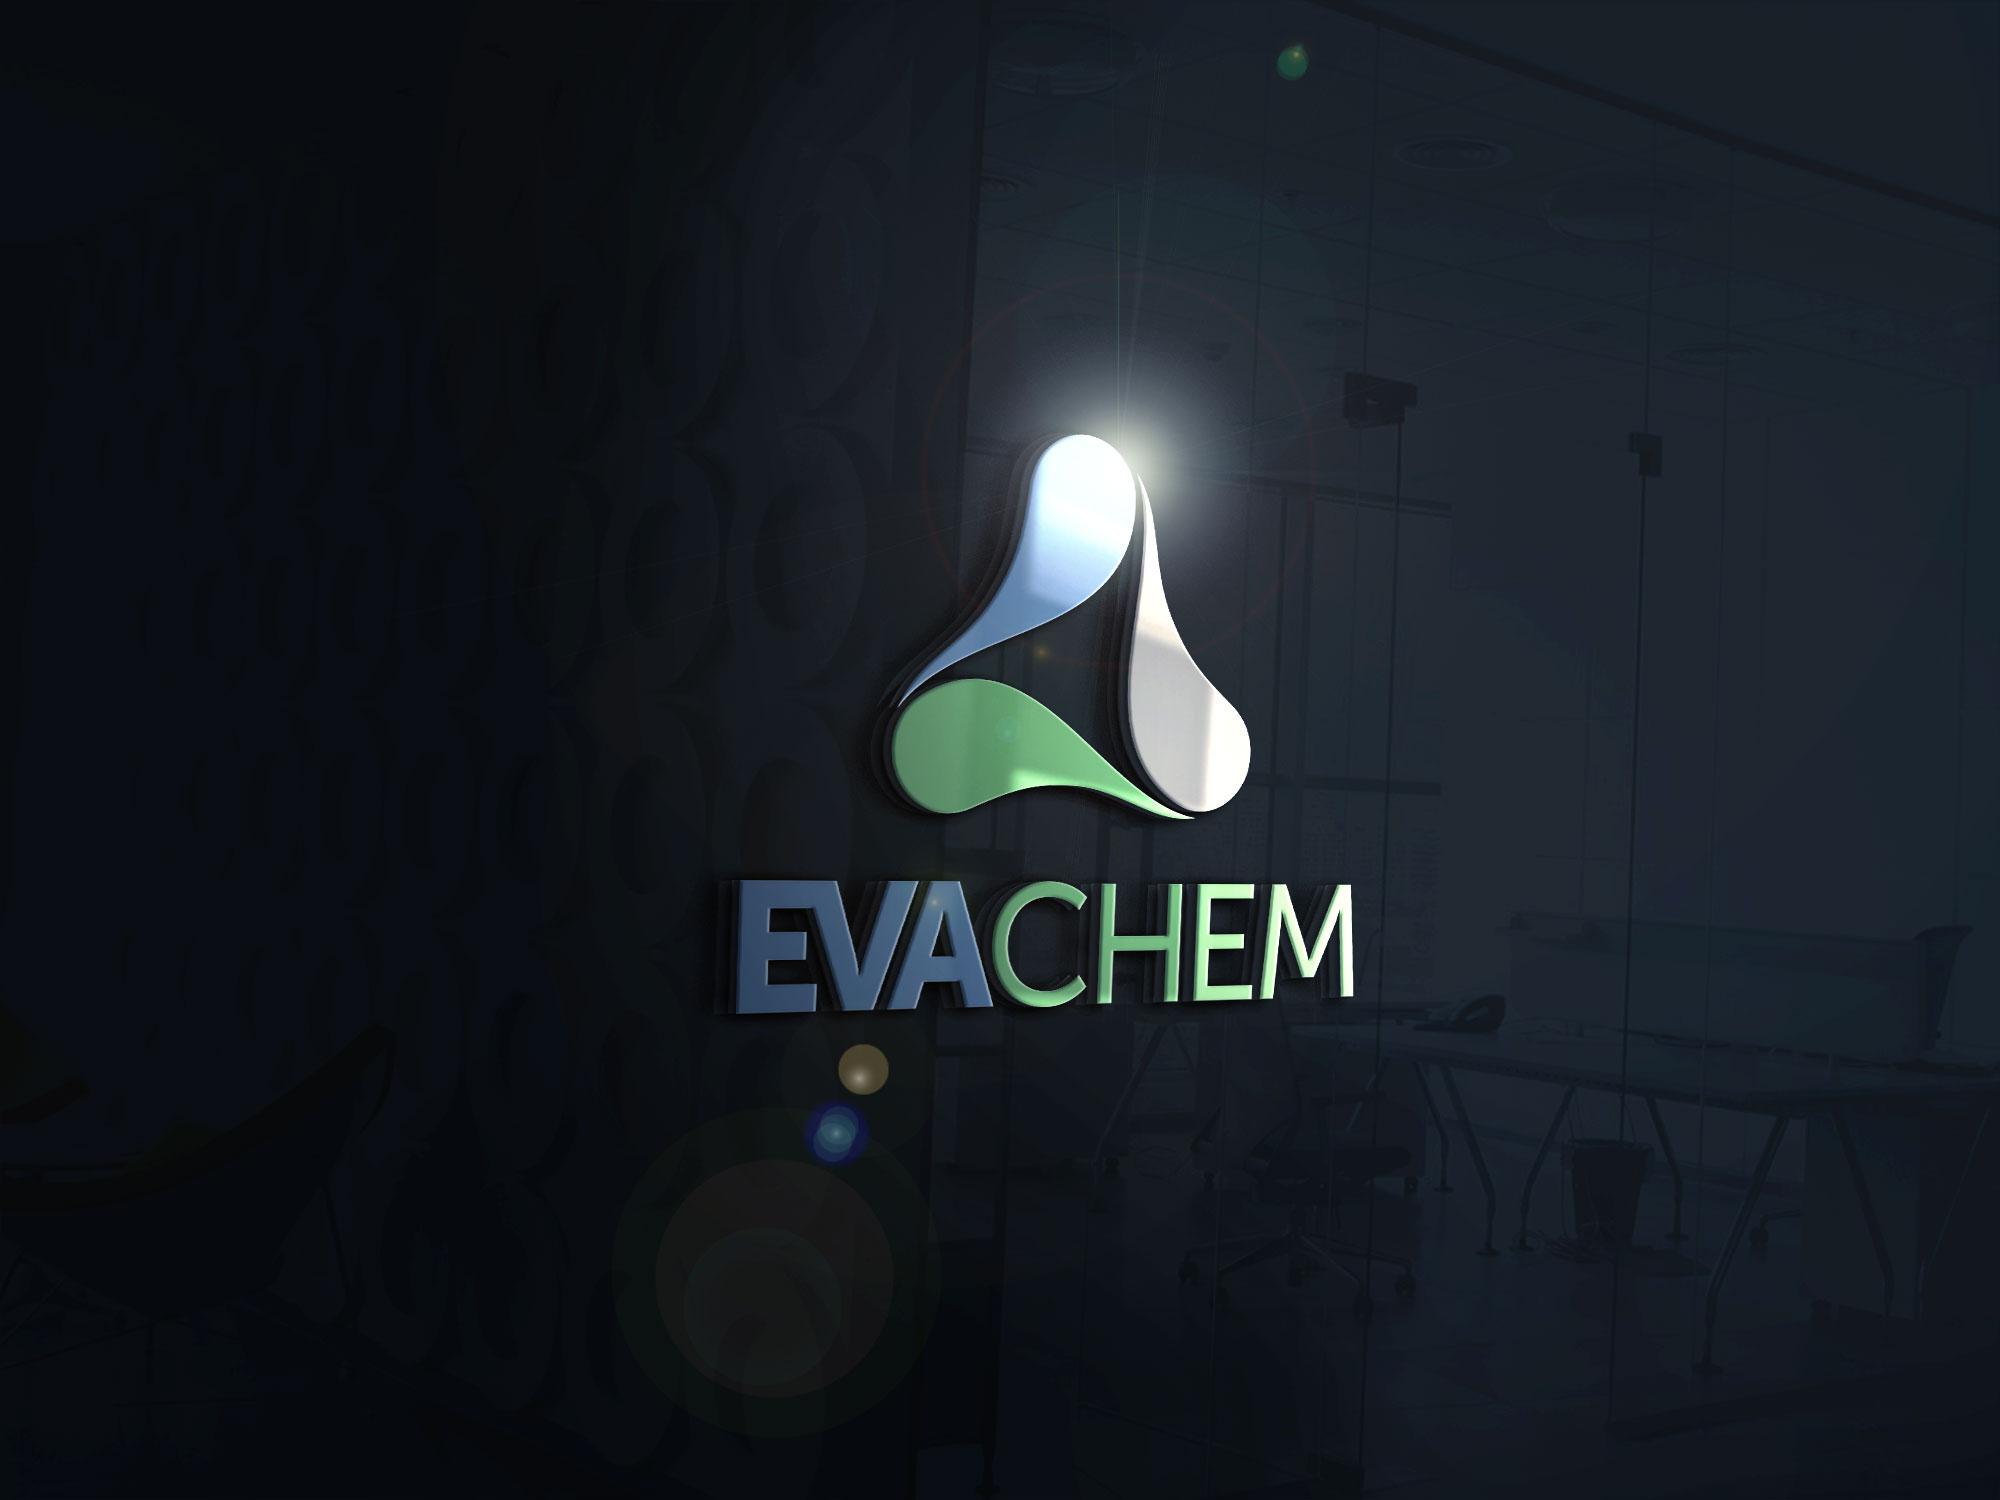 Разработка логотипа и фирменного стиля компании фото f_18857348f03dd205.jpg